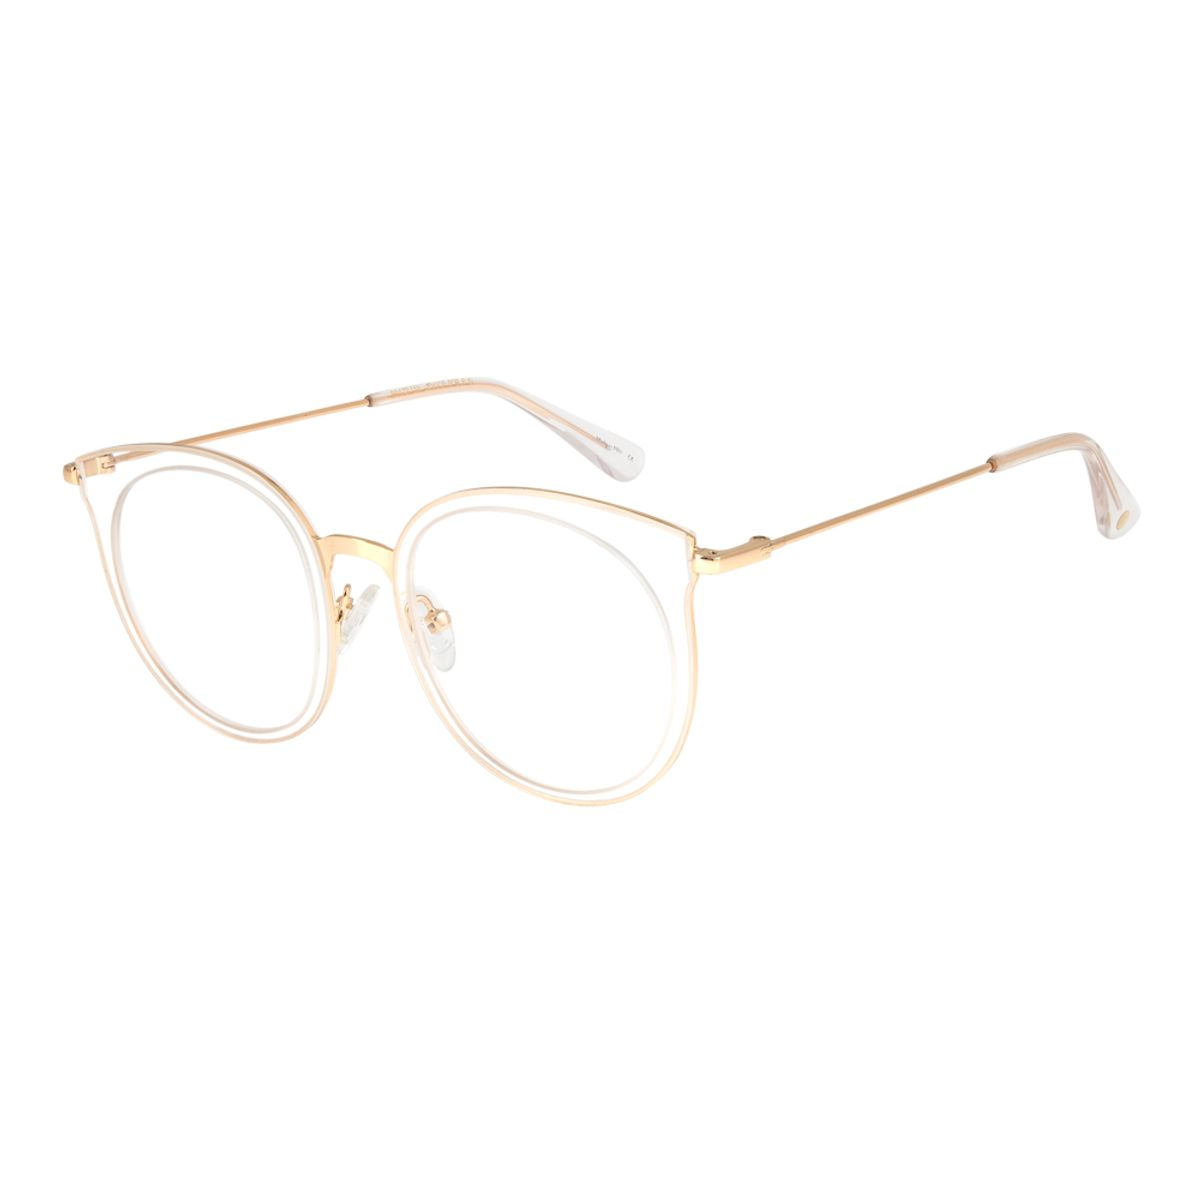 7316b59c55f2c Armação para Óculos de Grau Chilli Beans Feminino Metal Transparente ...